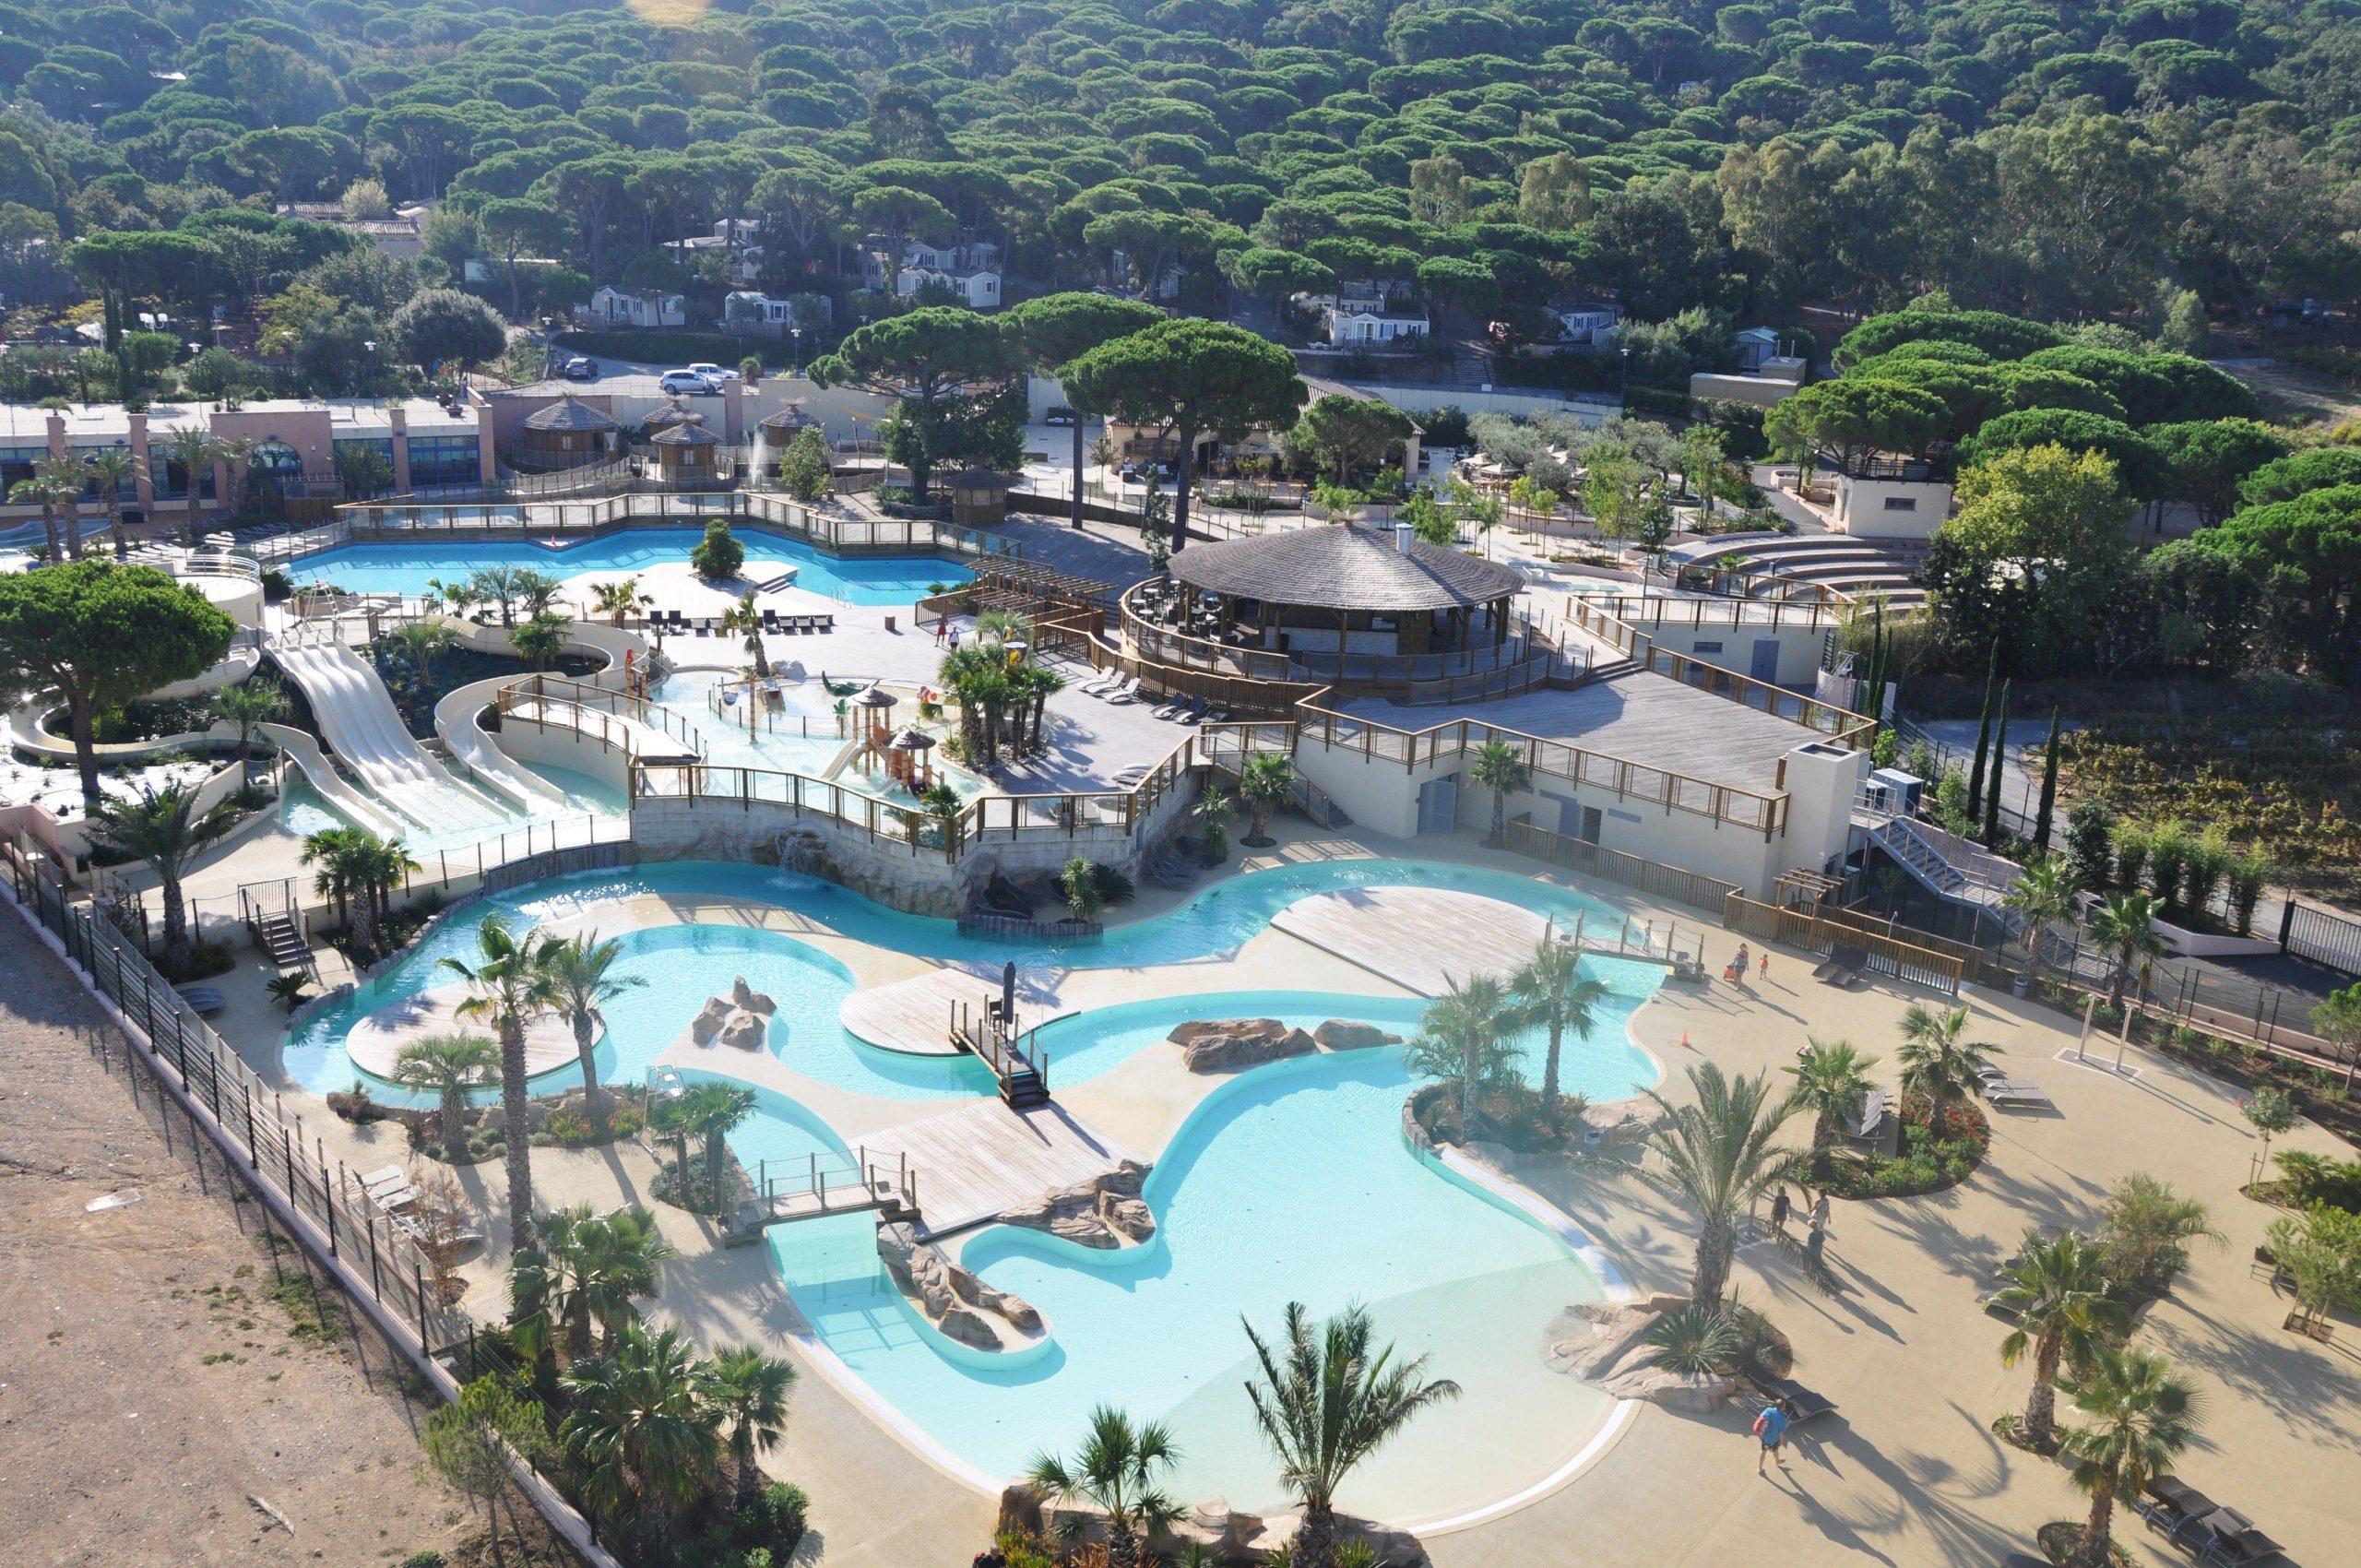 Camping***** Les Tournels - Ramatuelle #camping #piscine ... dedans Camping Quiberon Piscine